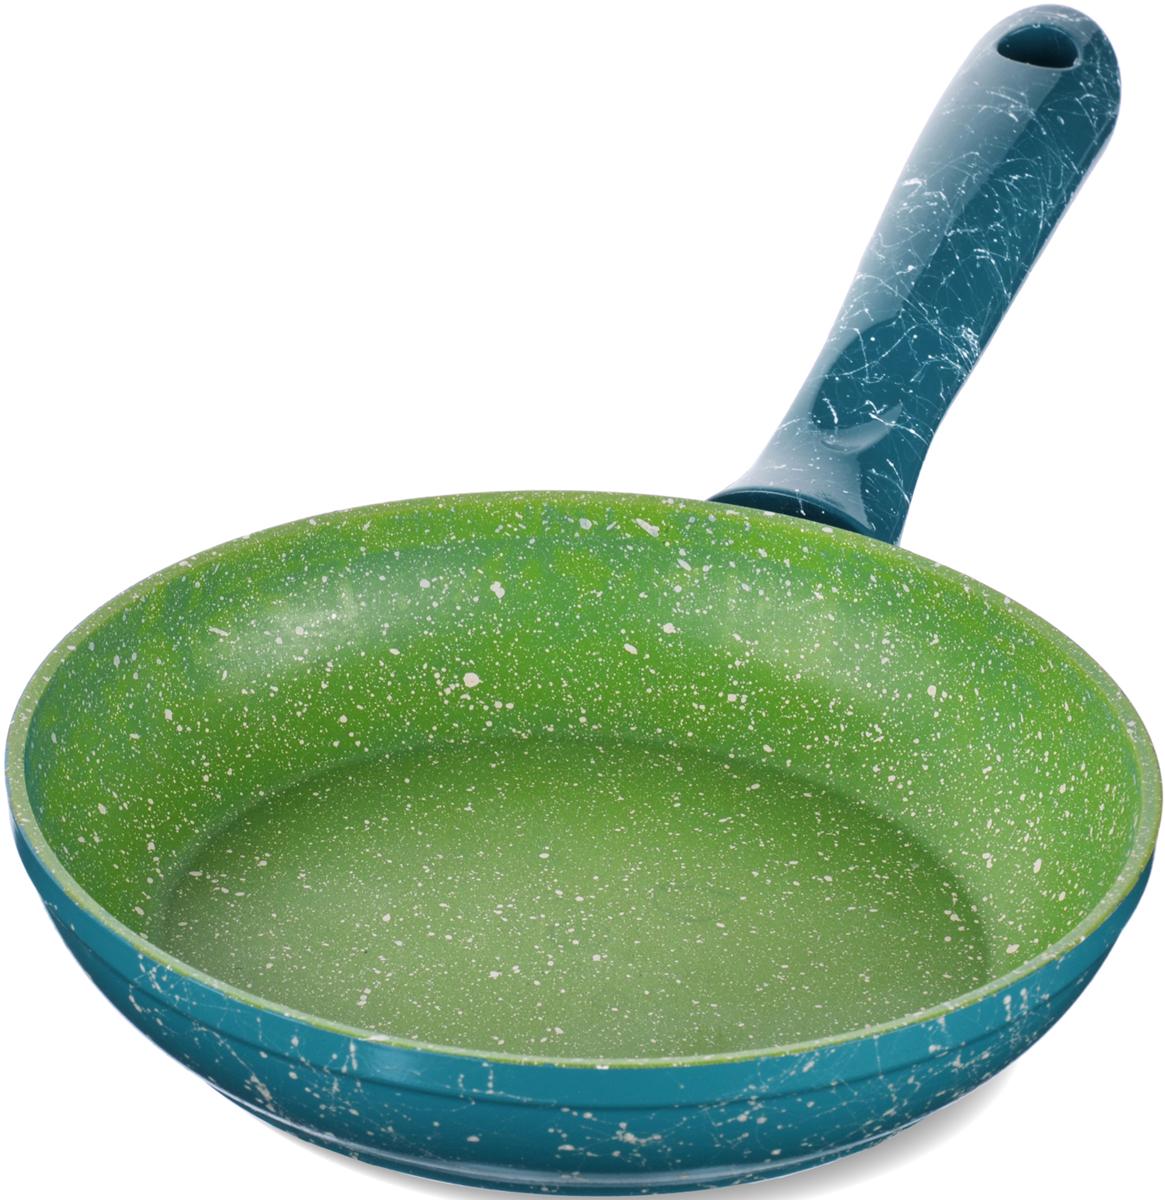 Сковорода с мраморной крошкой MAYER&BOCH выполнена из качественного литого алюминия и снабжена антипригарным покрытием особой прочности. Покрытие антипригарное жаропрочное, защищает сковороду от царапин, является экологически чистым и полностью безопасным, без вредных соединений и примесей. За счет того, что пища не пригорает и не пристает к покрытию сковороды, ее легко и быстро мыть. Прочное индукционное дно сковороды устойчиво к повреждениям и деформации. Эргономичная ручка из бакелита не нагревается и не скользит. Такая сковорода является незаменимой для жарки и тушения различных блюд.Подходит для использования на всех типах плит. Подходит для мытья в посудомоечной машине.